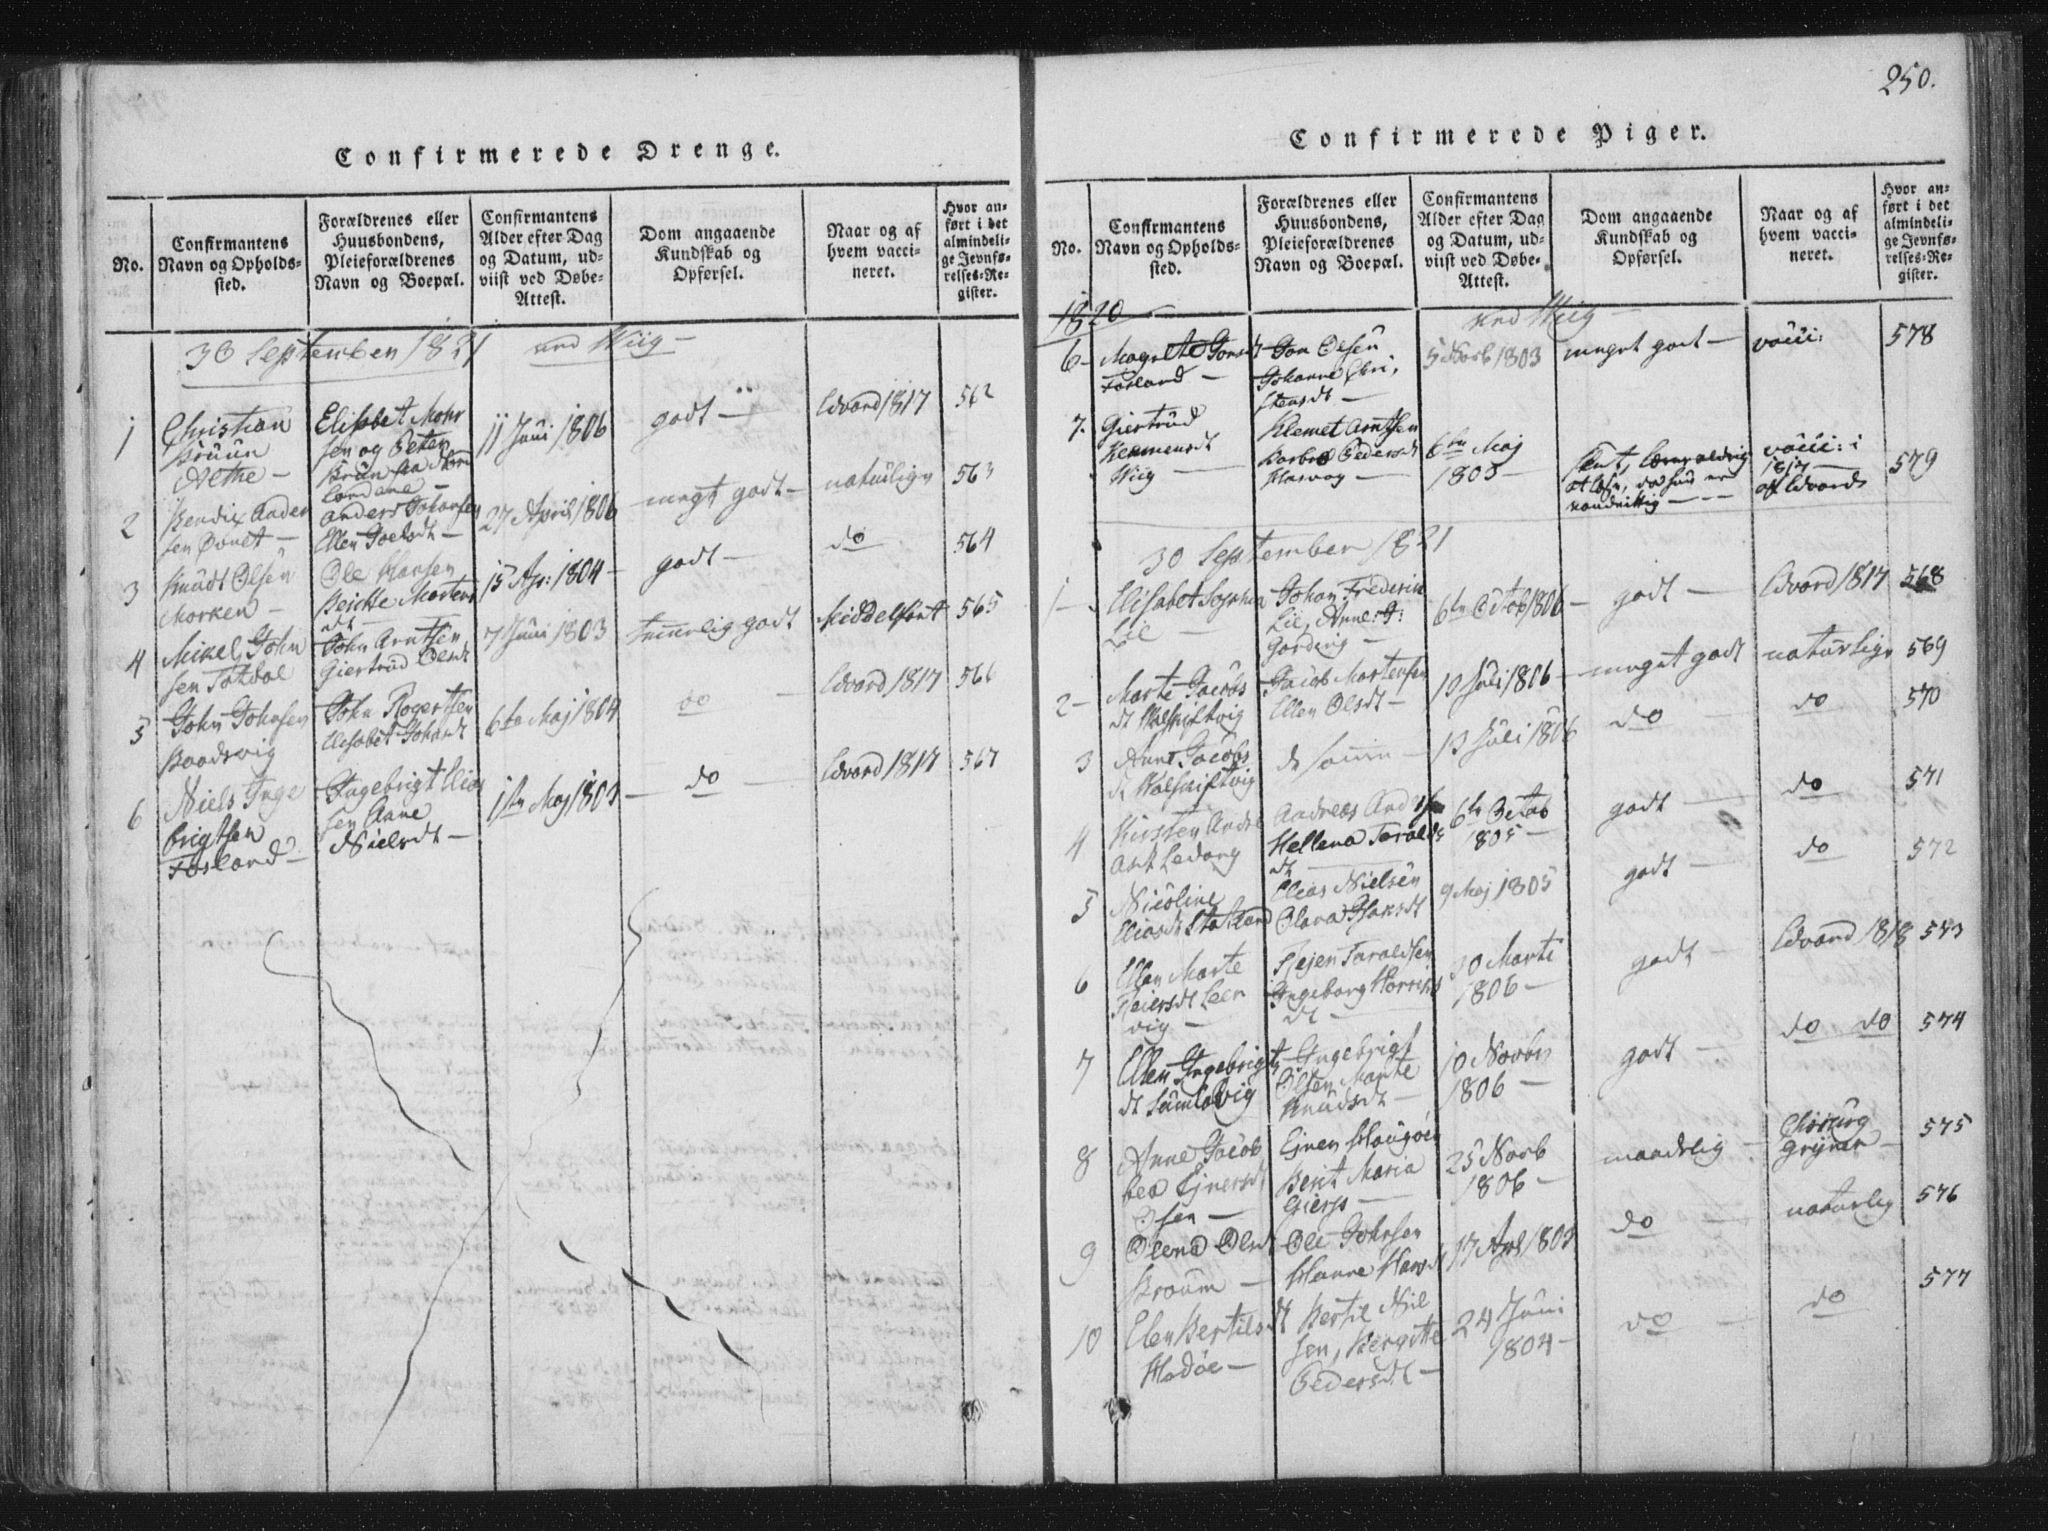 SAT, Ministerialprotokoller, klokkerbøker og fødselsregistre - Nord-Trøndelag, 773/L0609: Ministerialbok nr. 773A03 /2, 1815-1830, s. 250